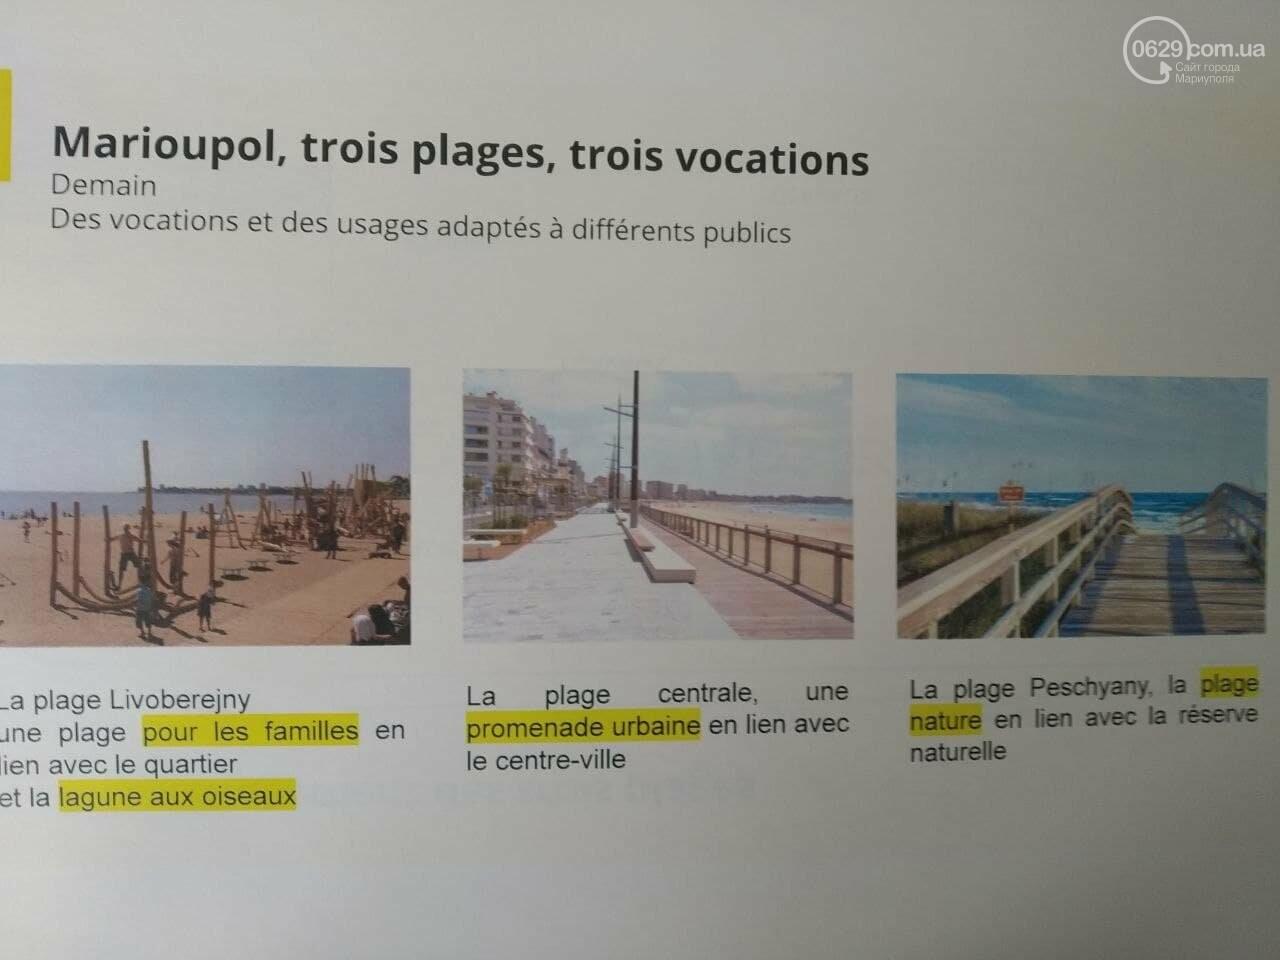 Какими станут мариупольские пляжи. Идеи, предложения, проекты, - ФОТО, фото-1